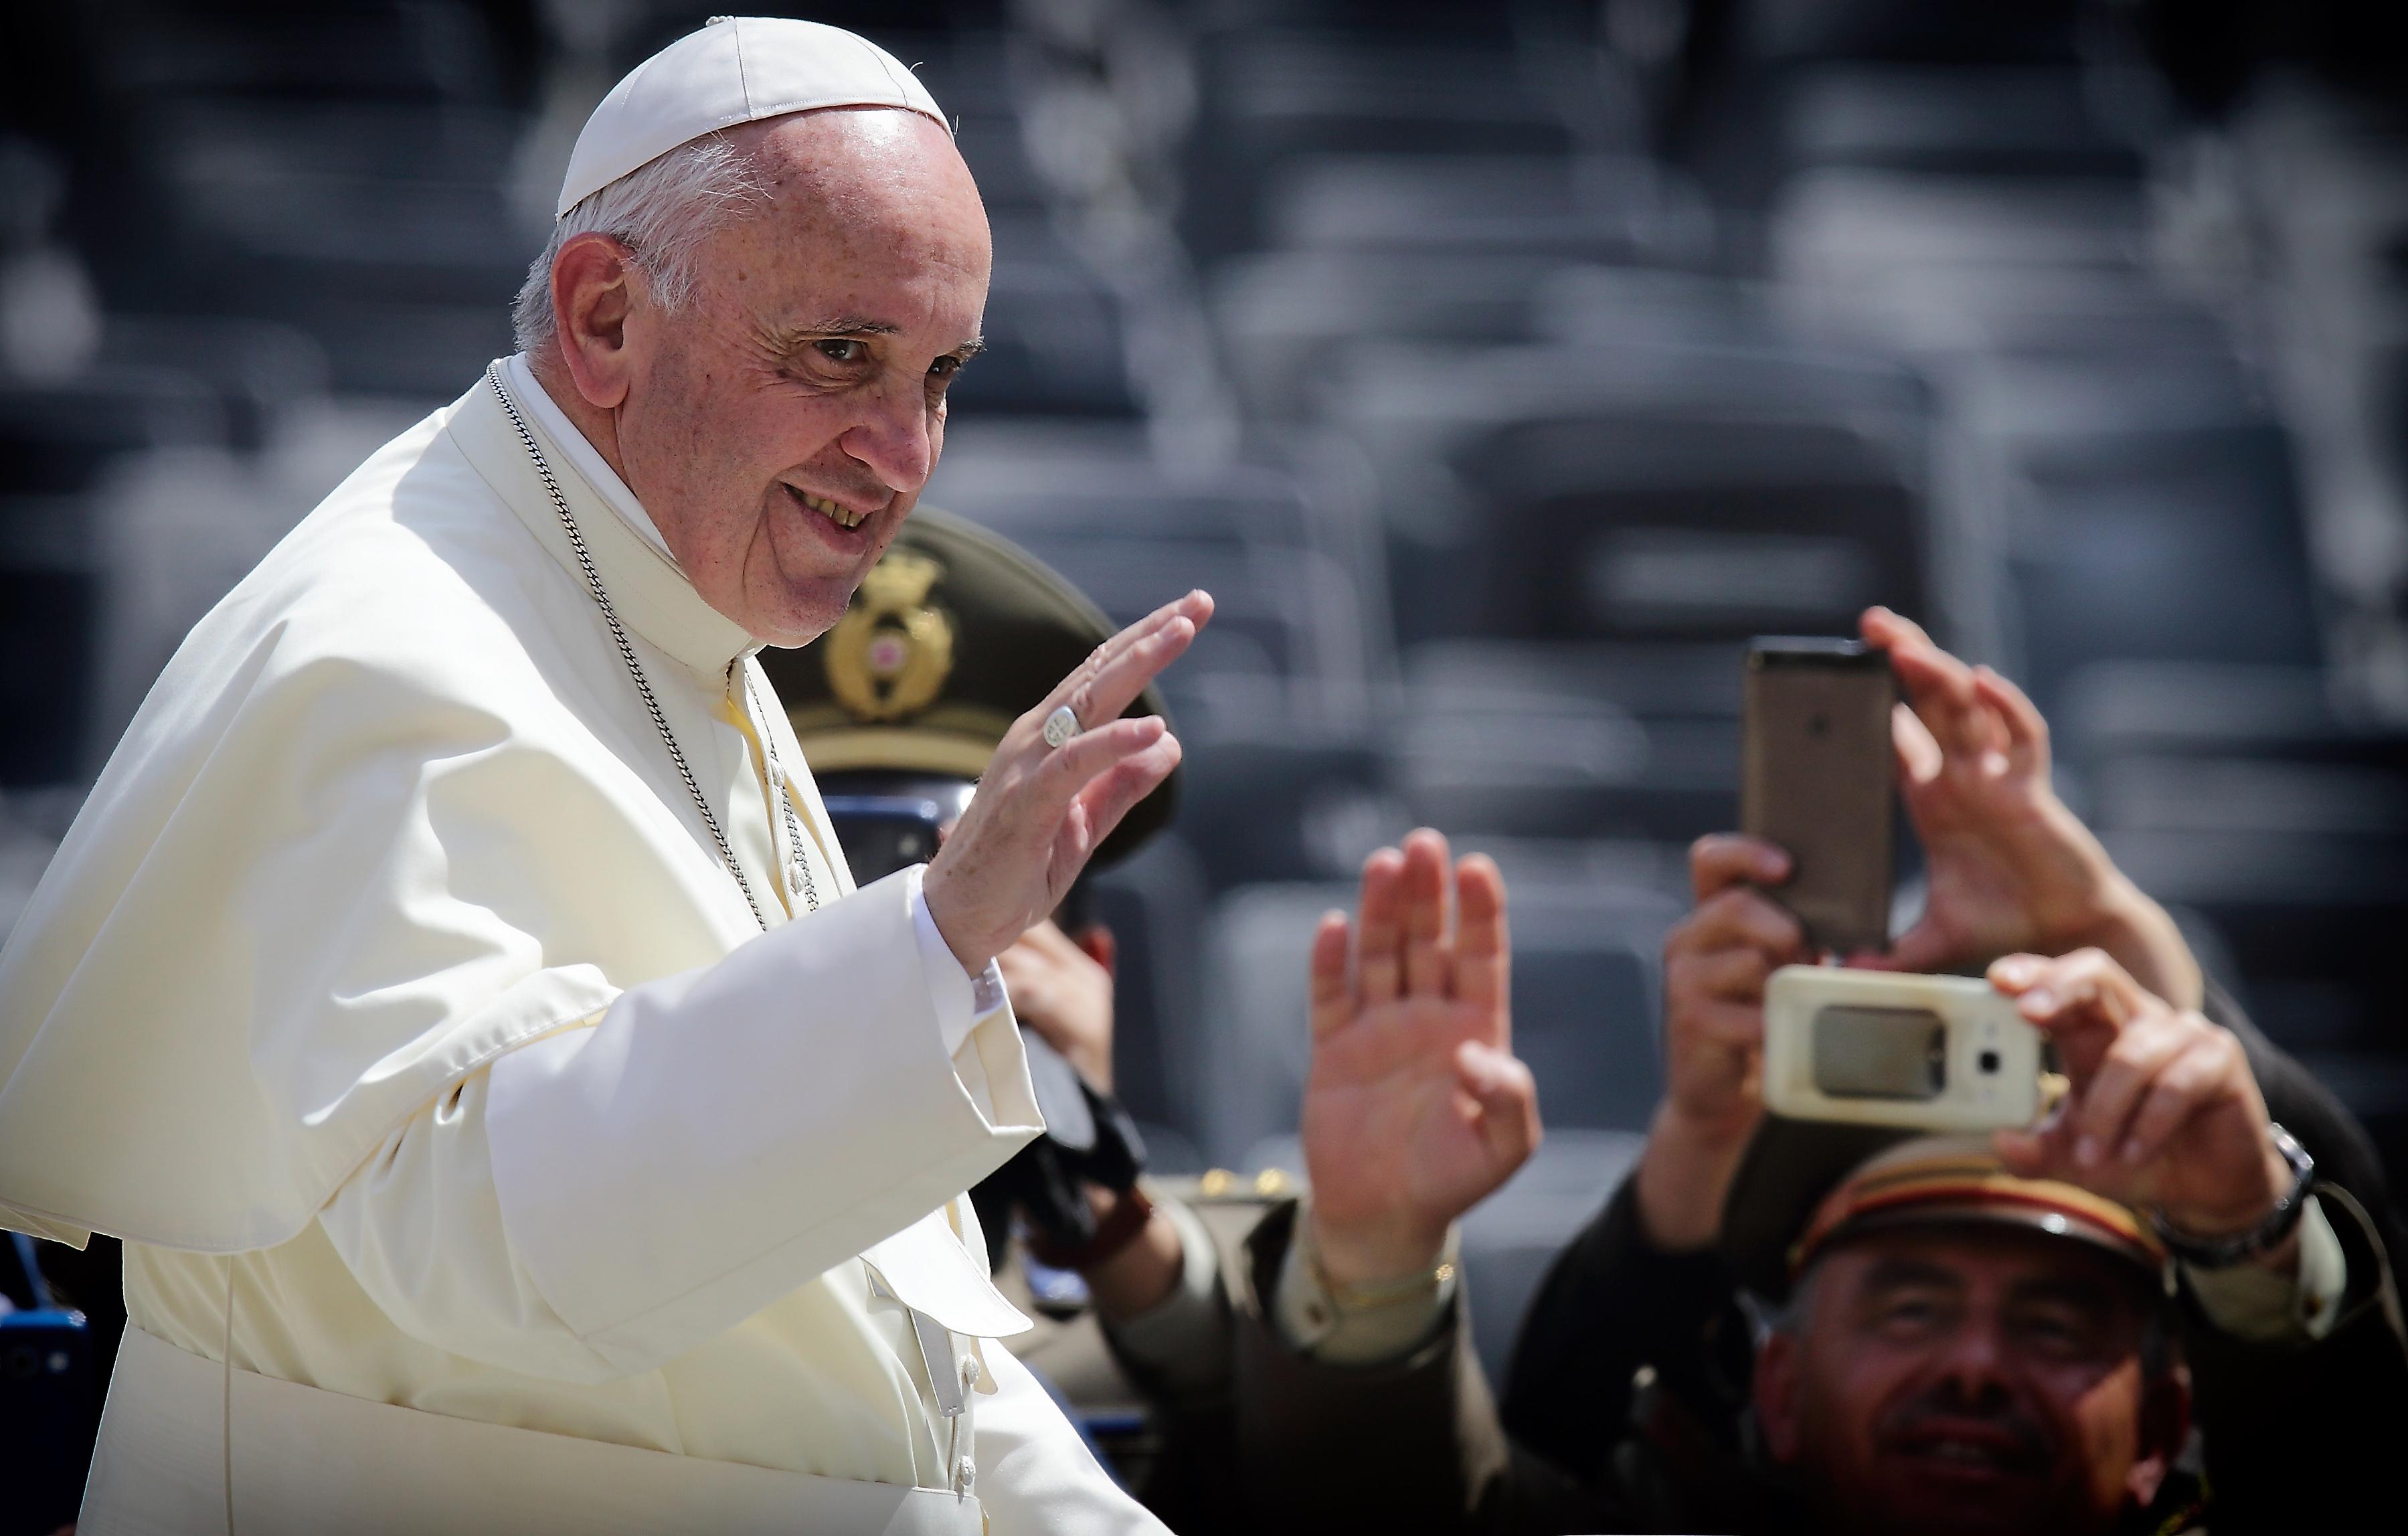 шуточное поздравление от папы римского крытый каток